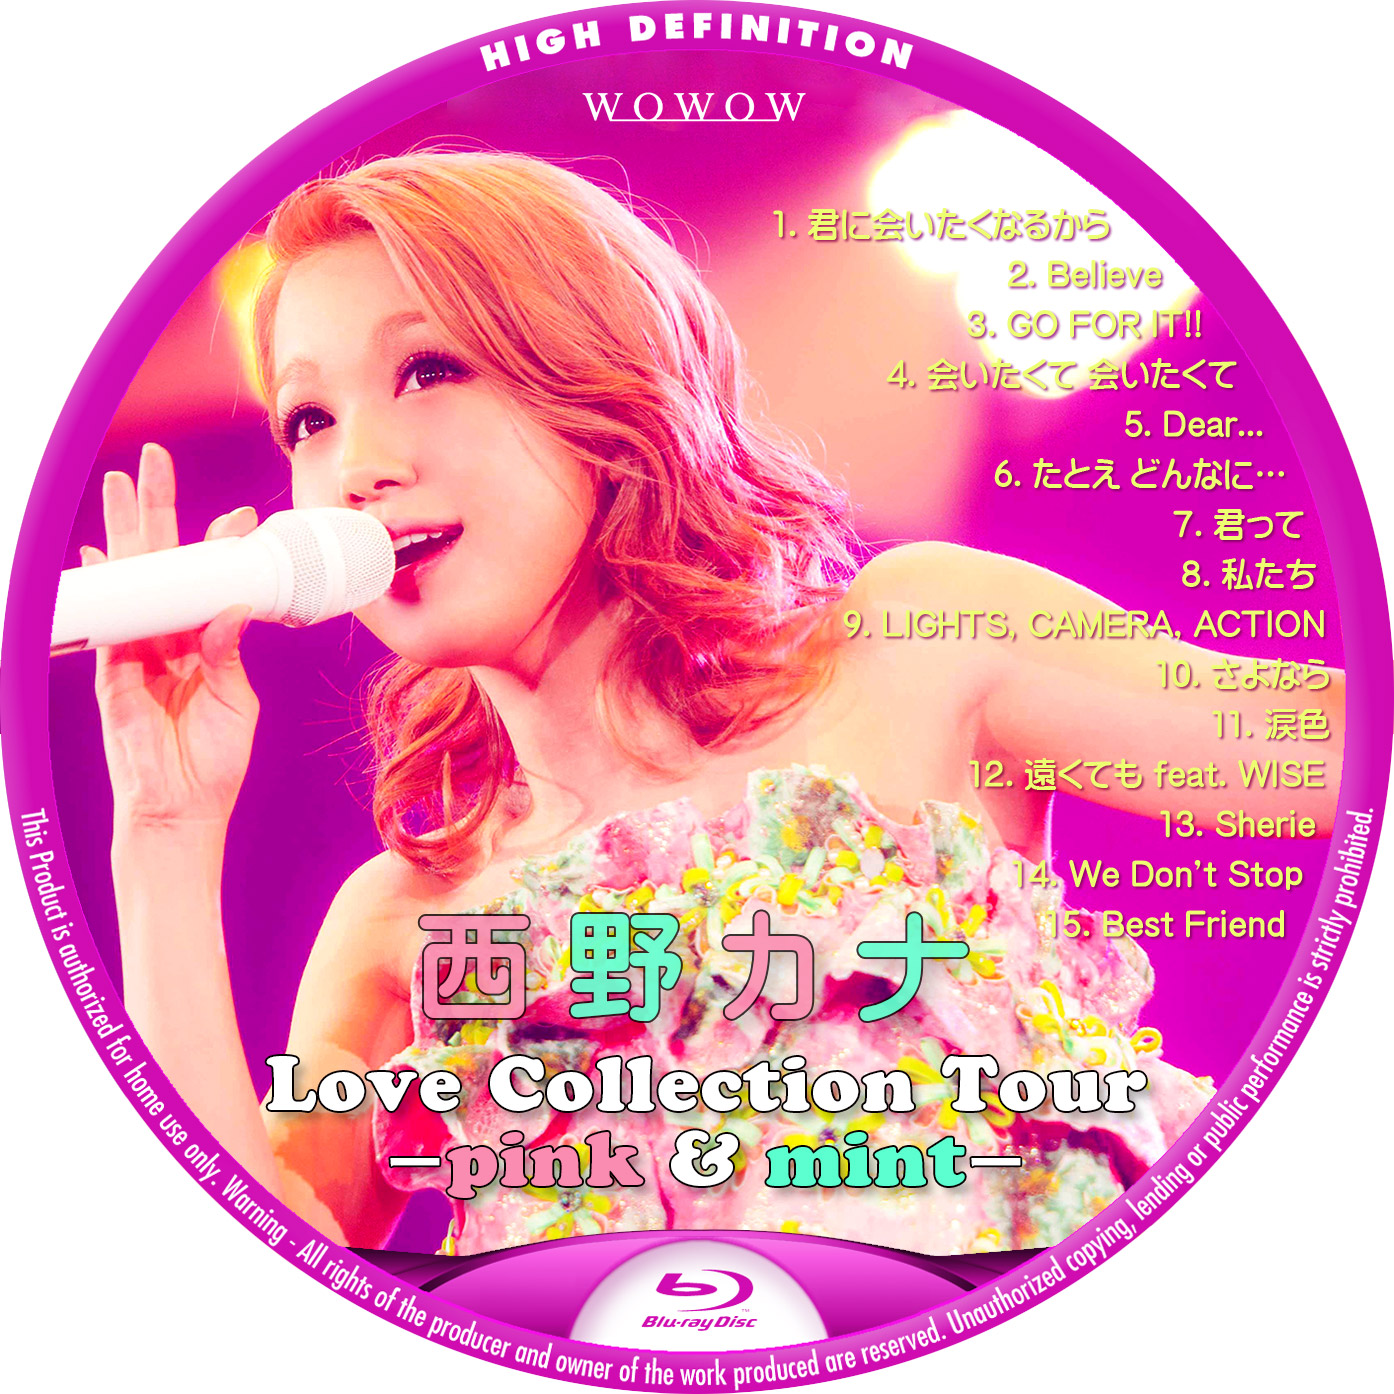 西野カナ WOWOW 2014 Blu-ray ラベル